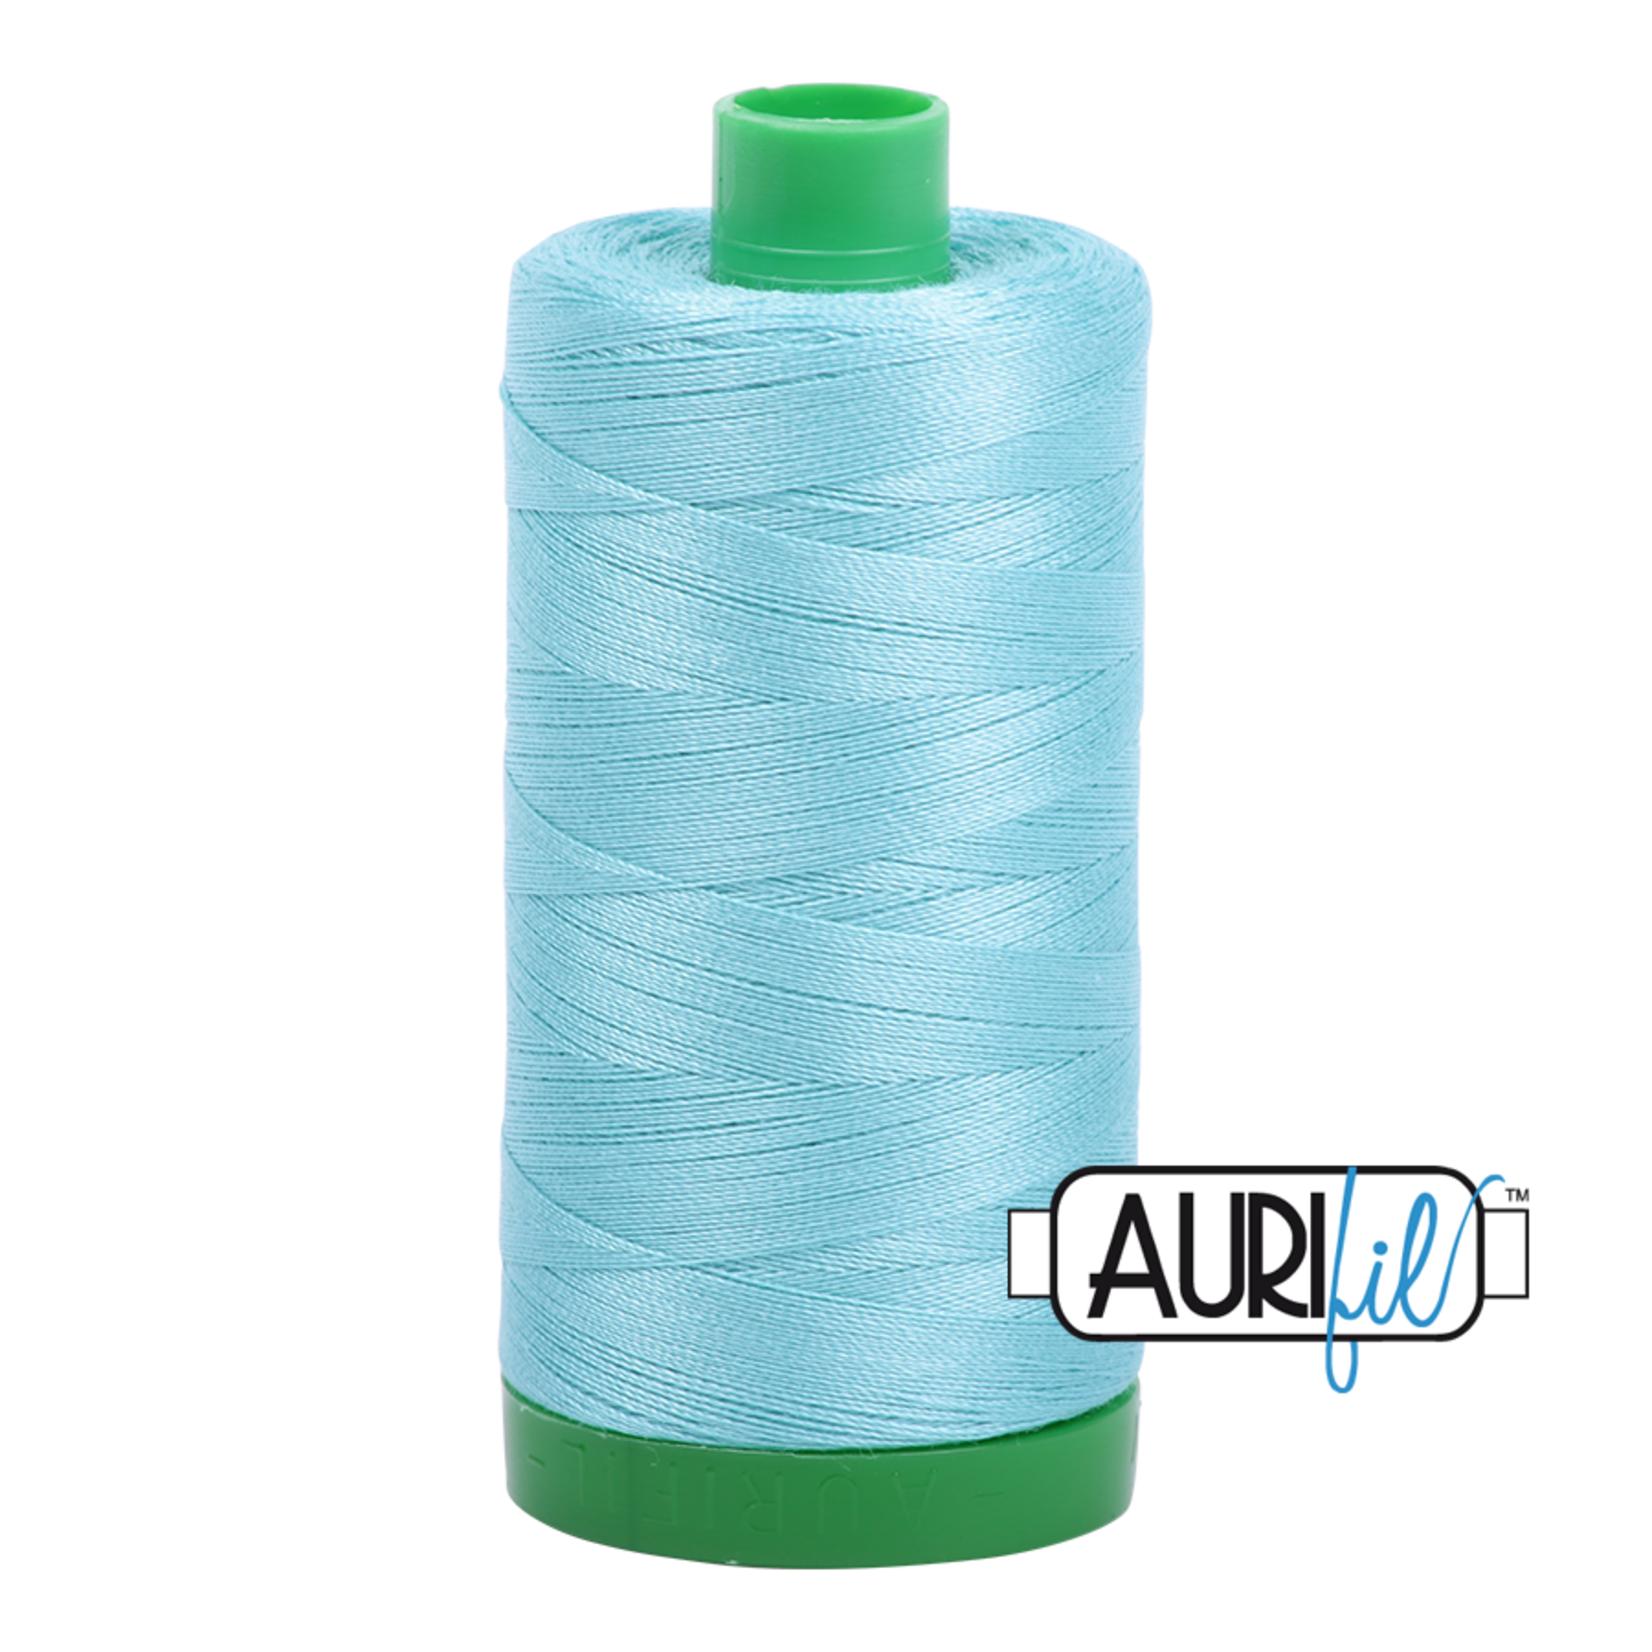 AURIFIL AURIFIL 40 WT Light Turquoise 5006